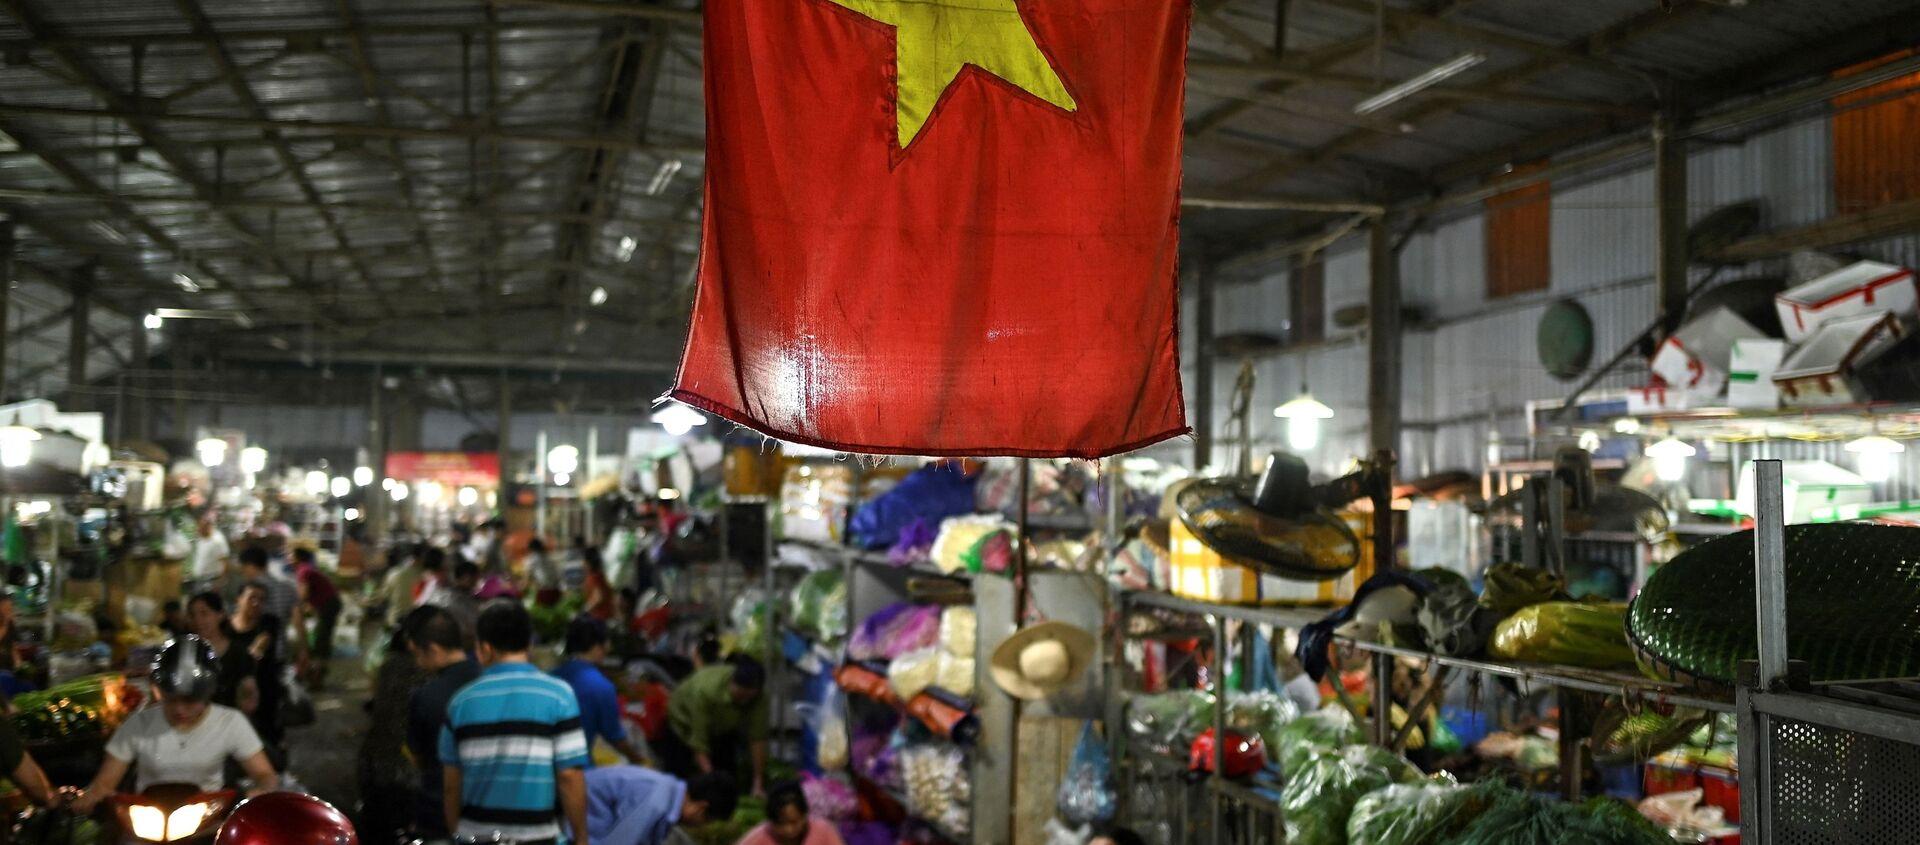 Quốc kỳ Việt Nam, chợ ở Hà Nội. - Sputnik Việt Nam, 1920, 04.07.2021